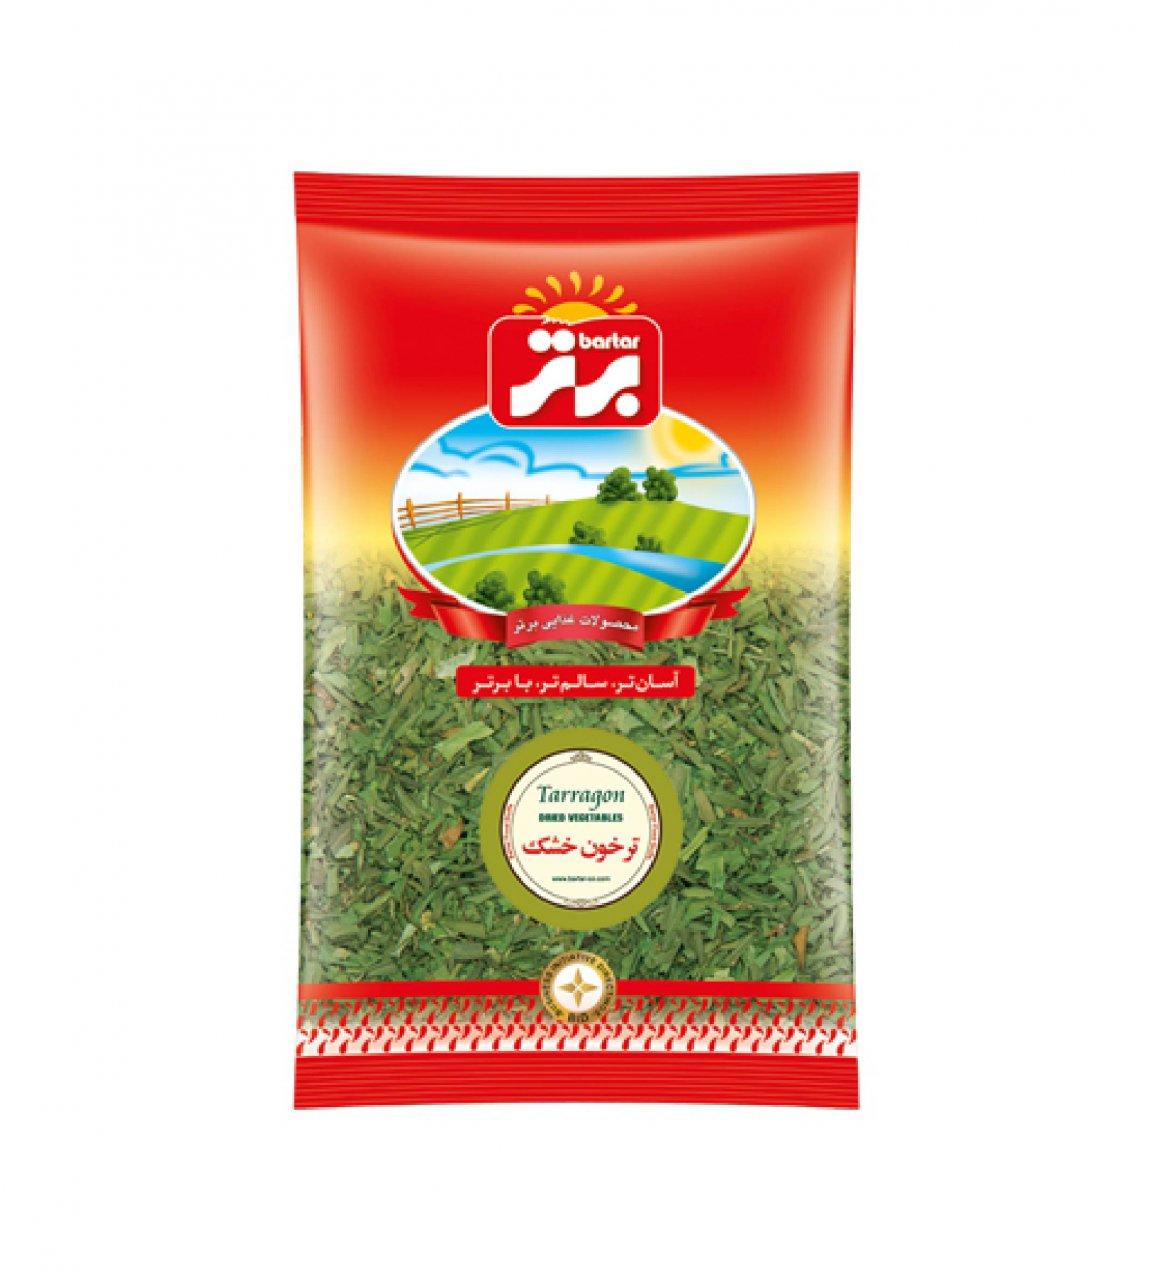 سبزی ترخون 70 گرم برتر